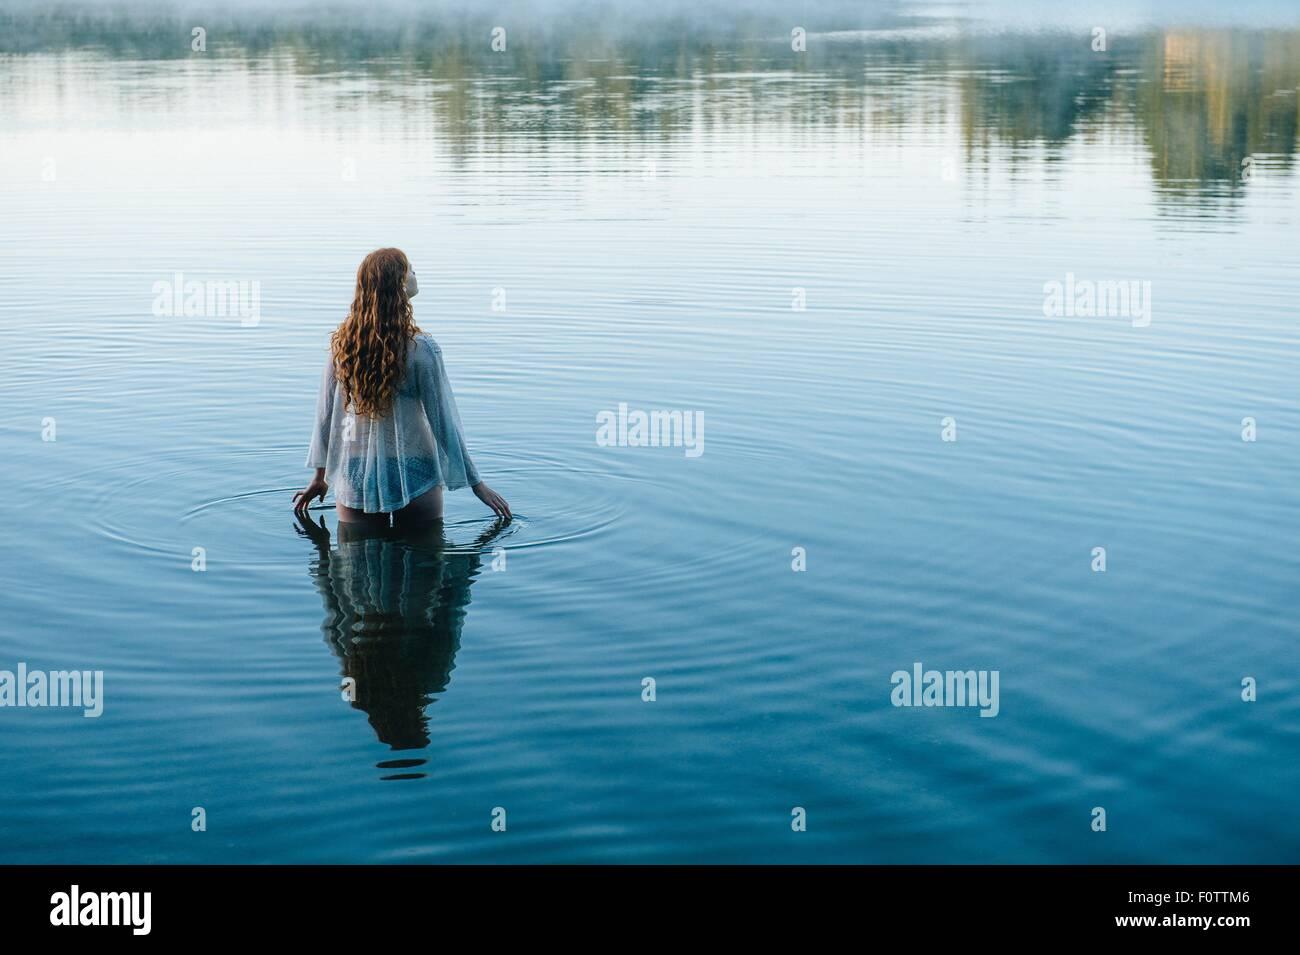 Vista posteriore della giovane donna nel lago increspa la superficie con le dita Immagini Stock